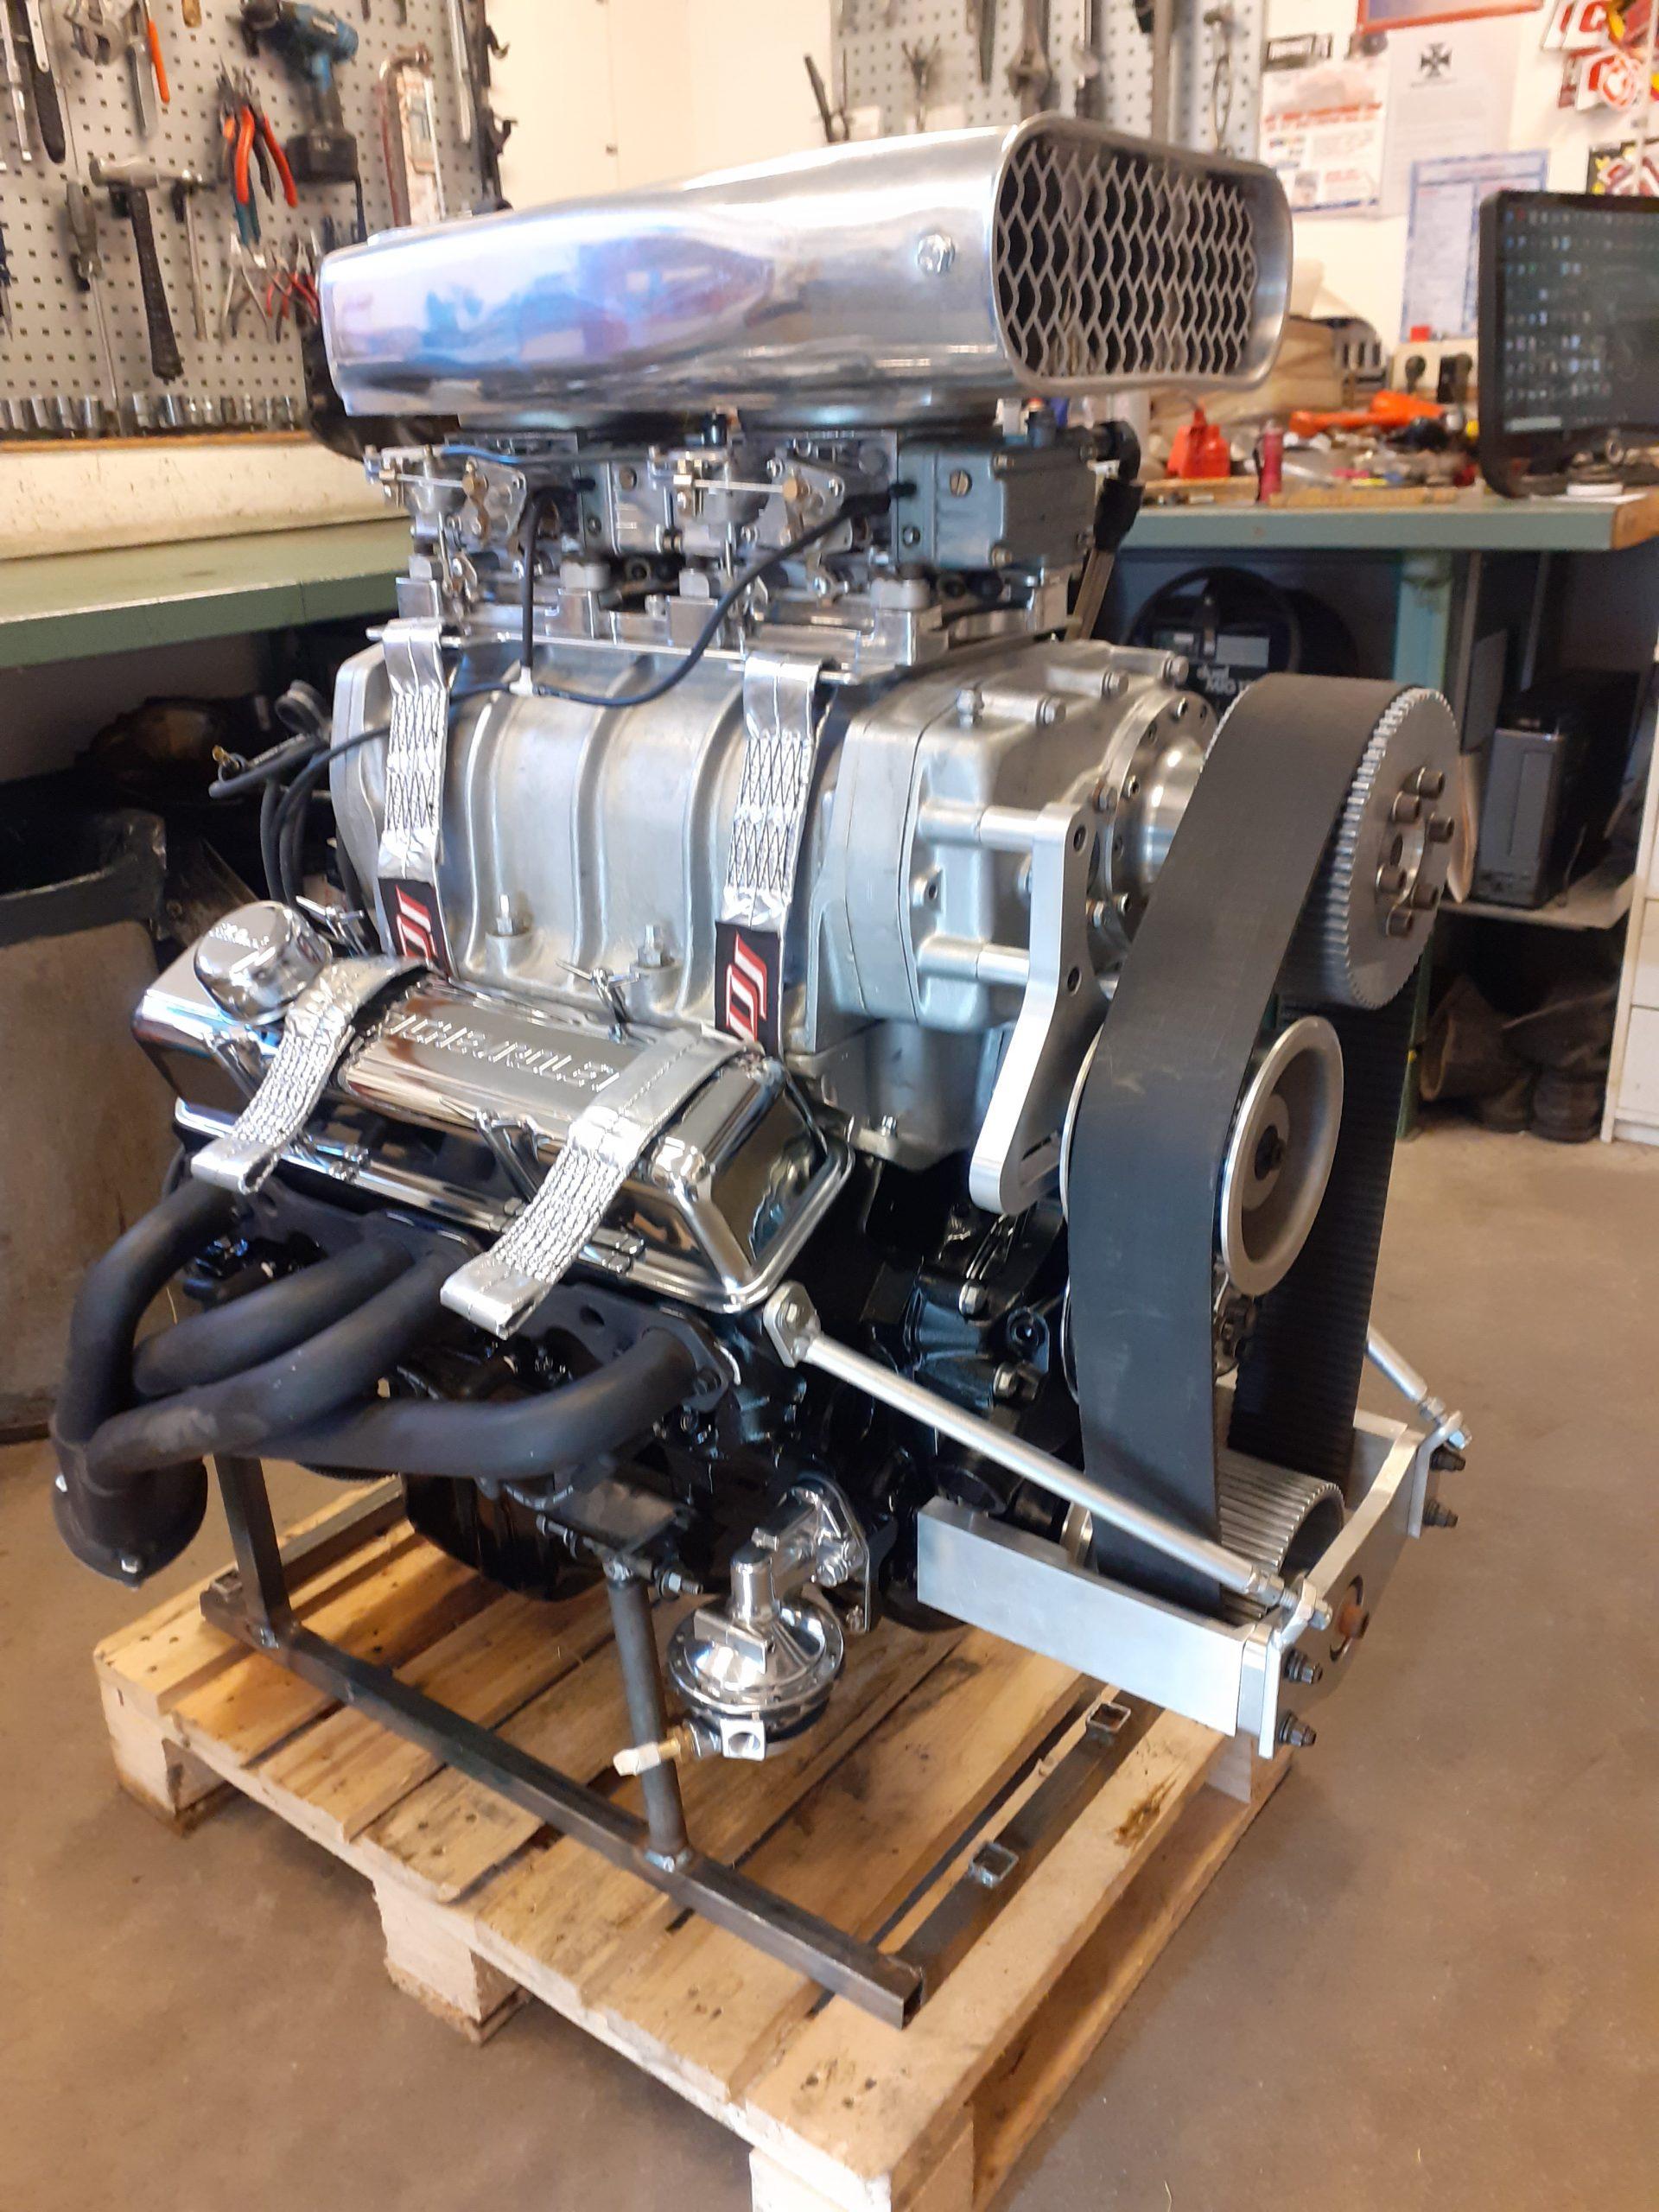 Chevrolet 350 med kompressor